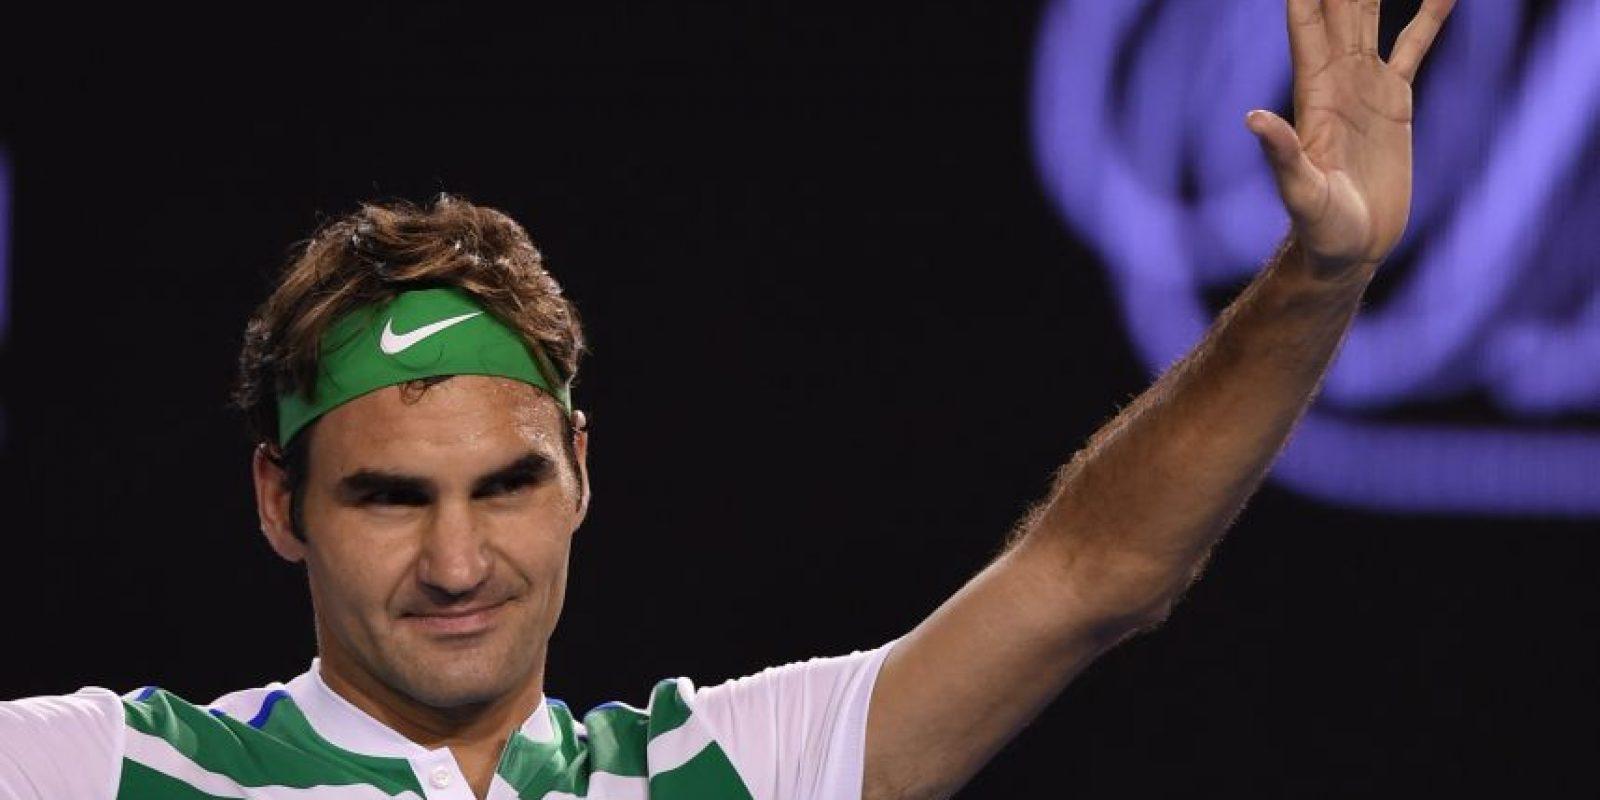 Federer saluda al público tras el fin del partido, Foto:AFP